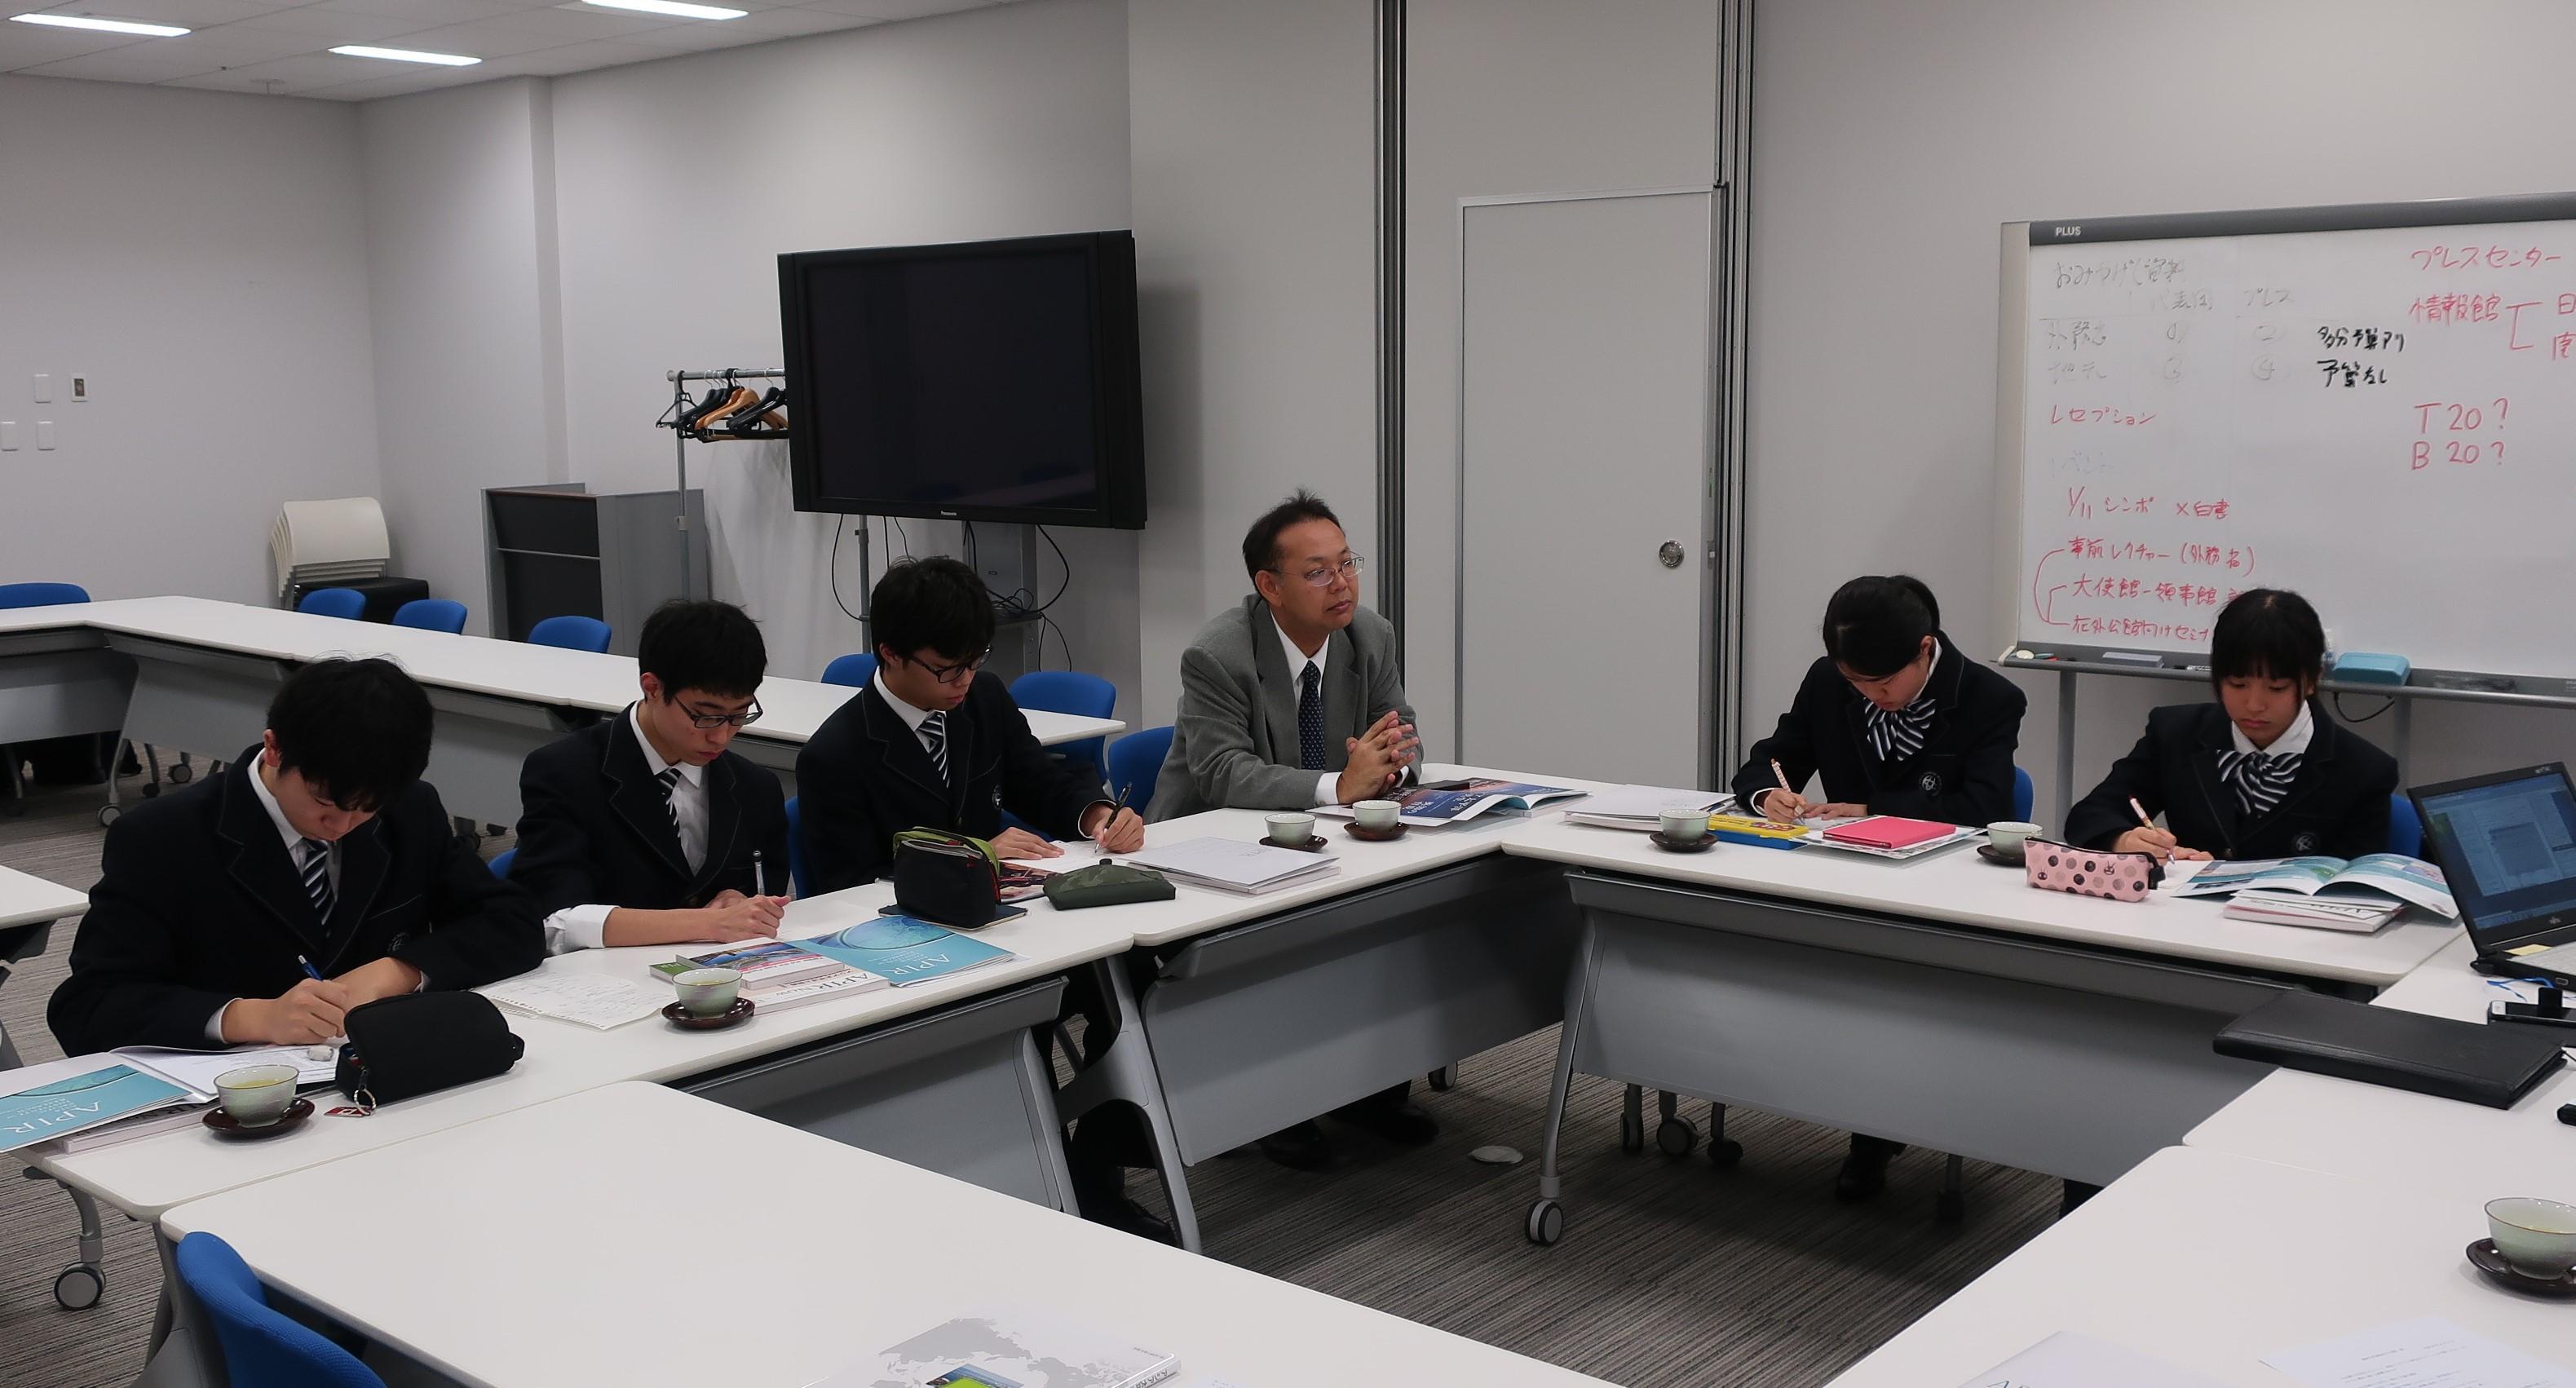 関西大学高等部がご来訪